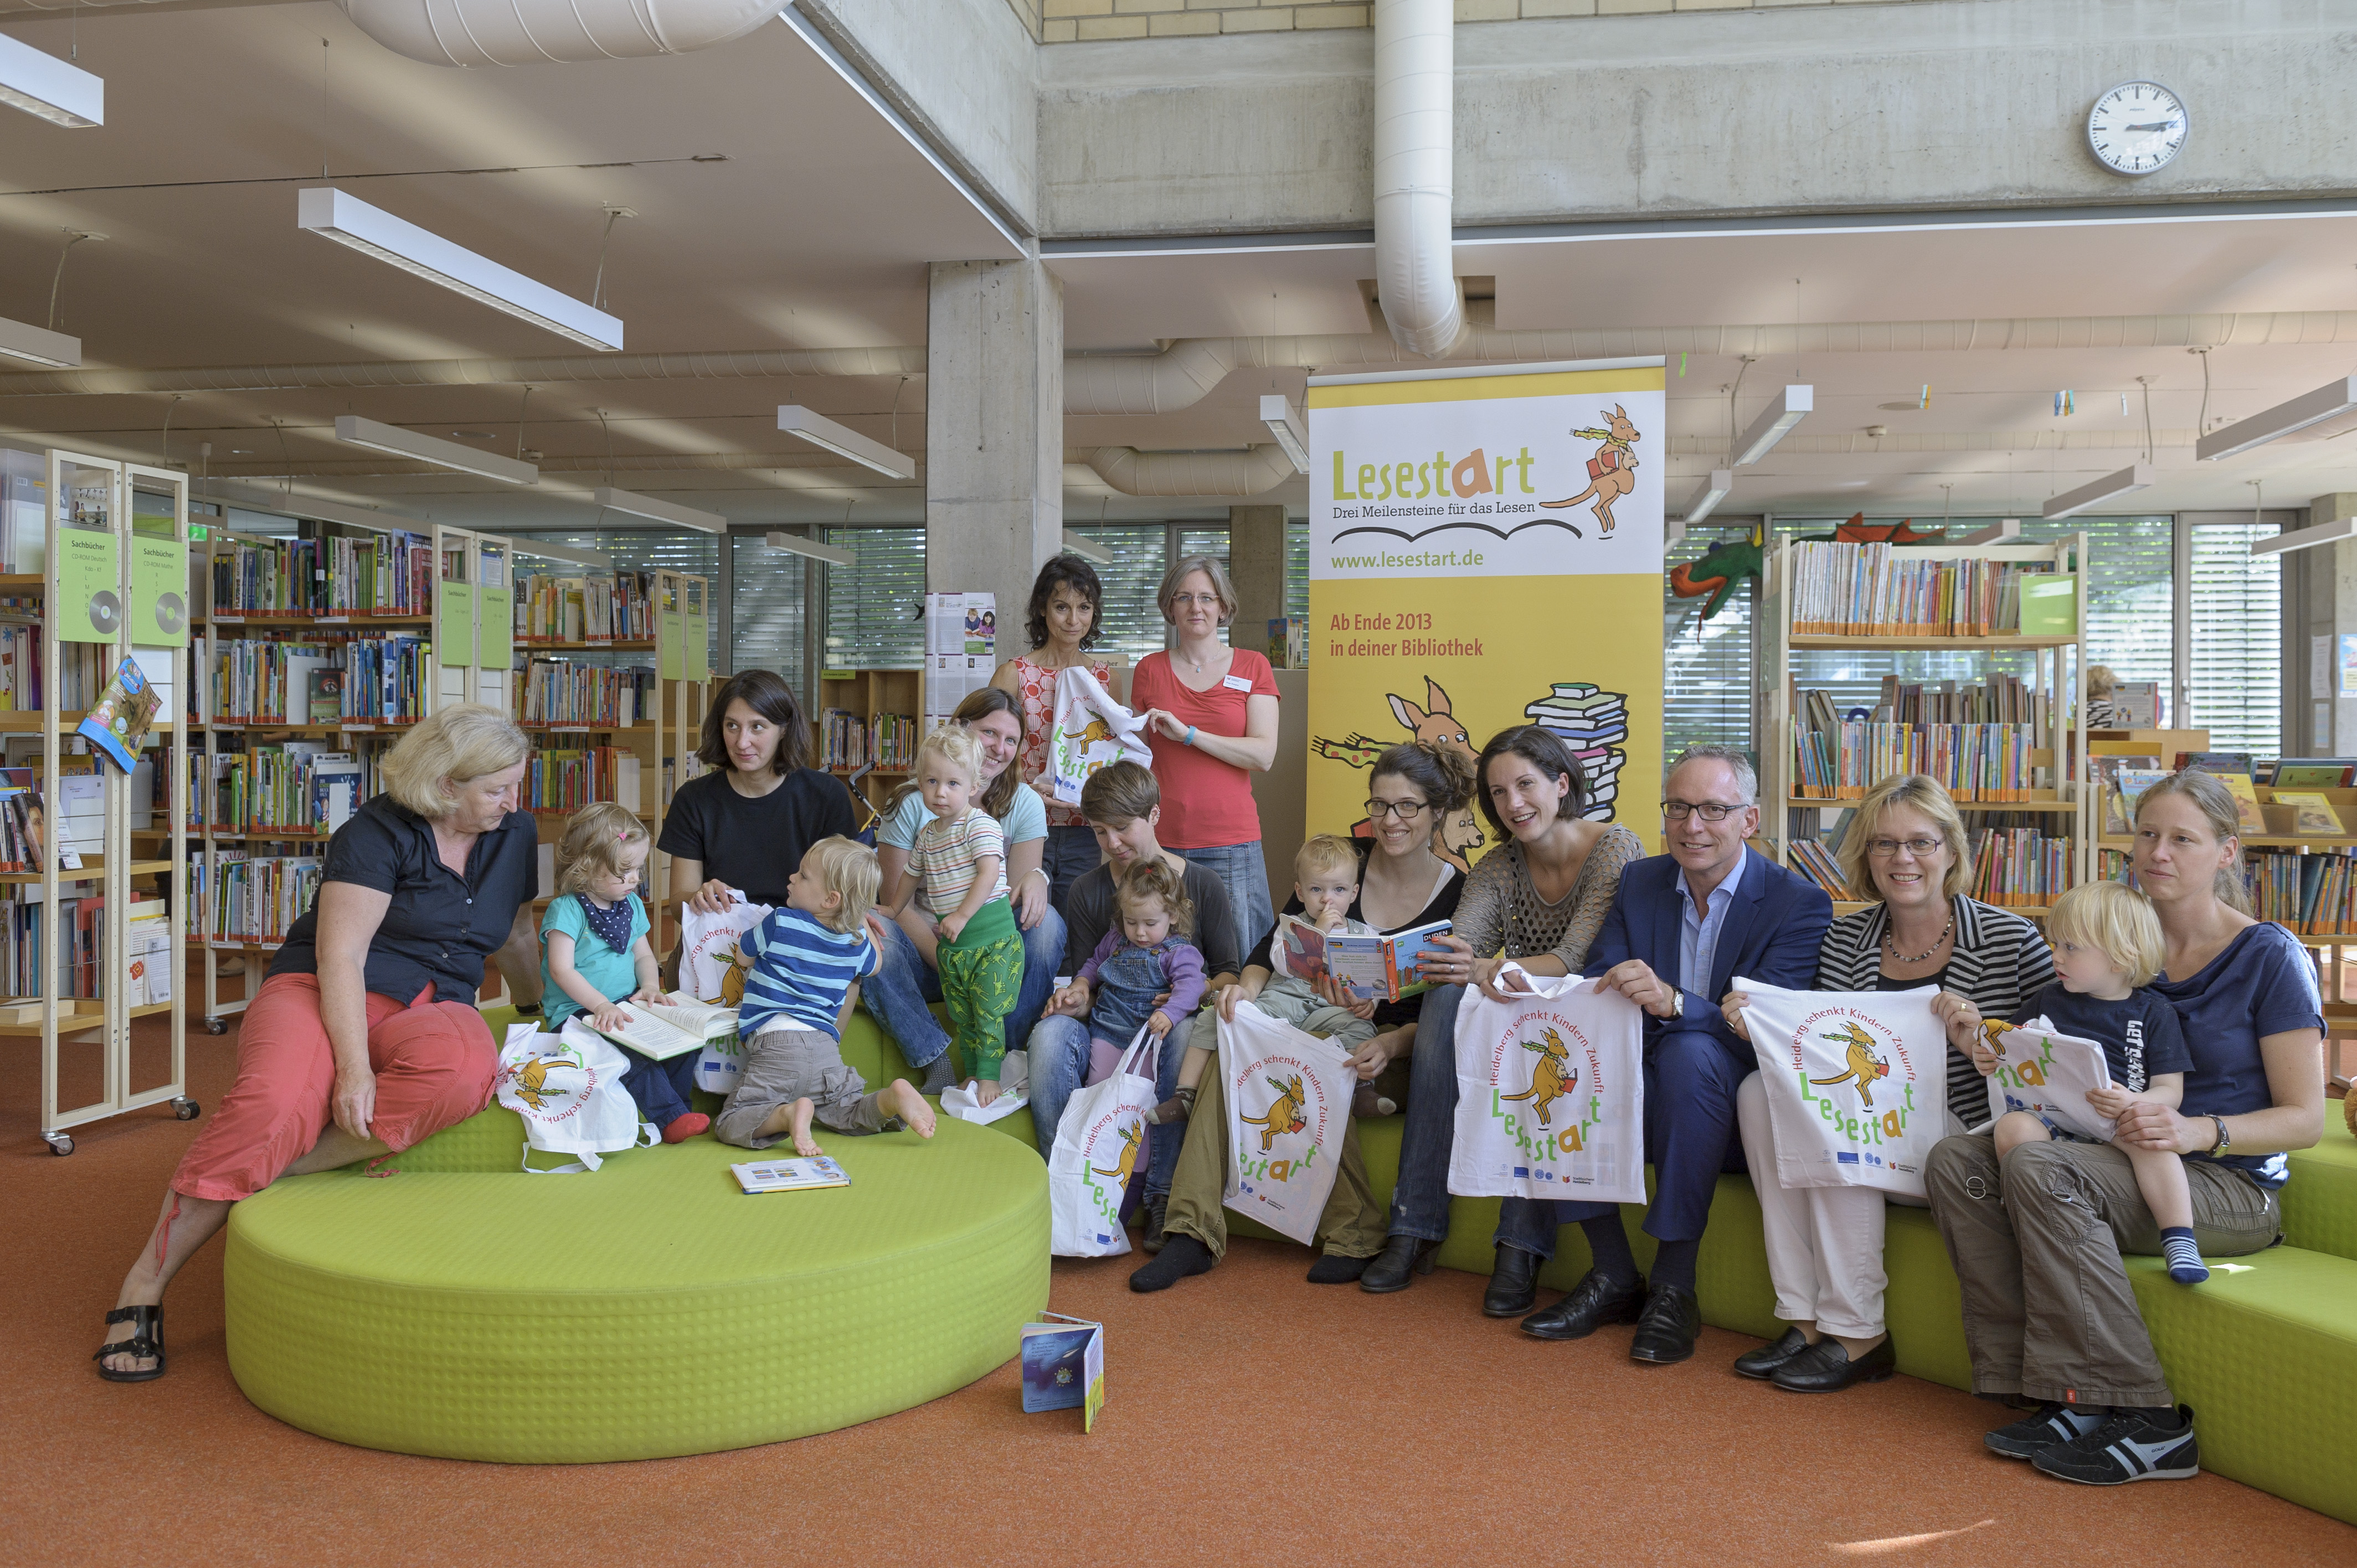 Aktion Lesestart in der Stadtbücherei Heidelbeerg. Foto: Philipp Rothe